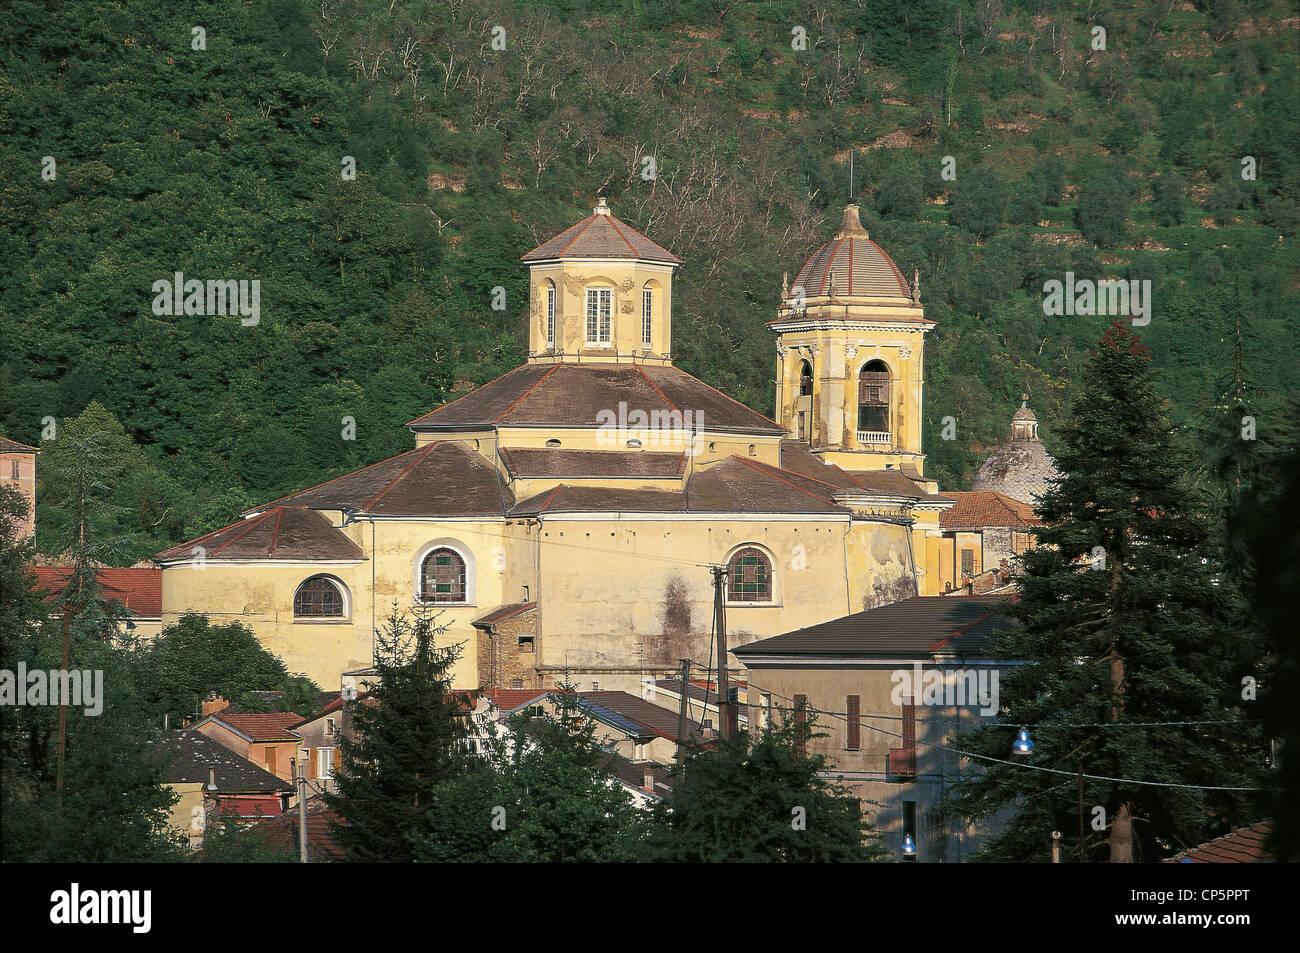 Liguria - Arroscia - Pieve di Teco (IM), Church of San Giovanni Battista (architect Gaetano Cantoni, 1782-1806) - Stock Image